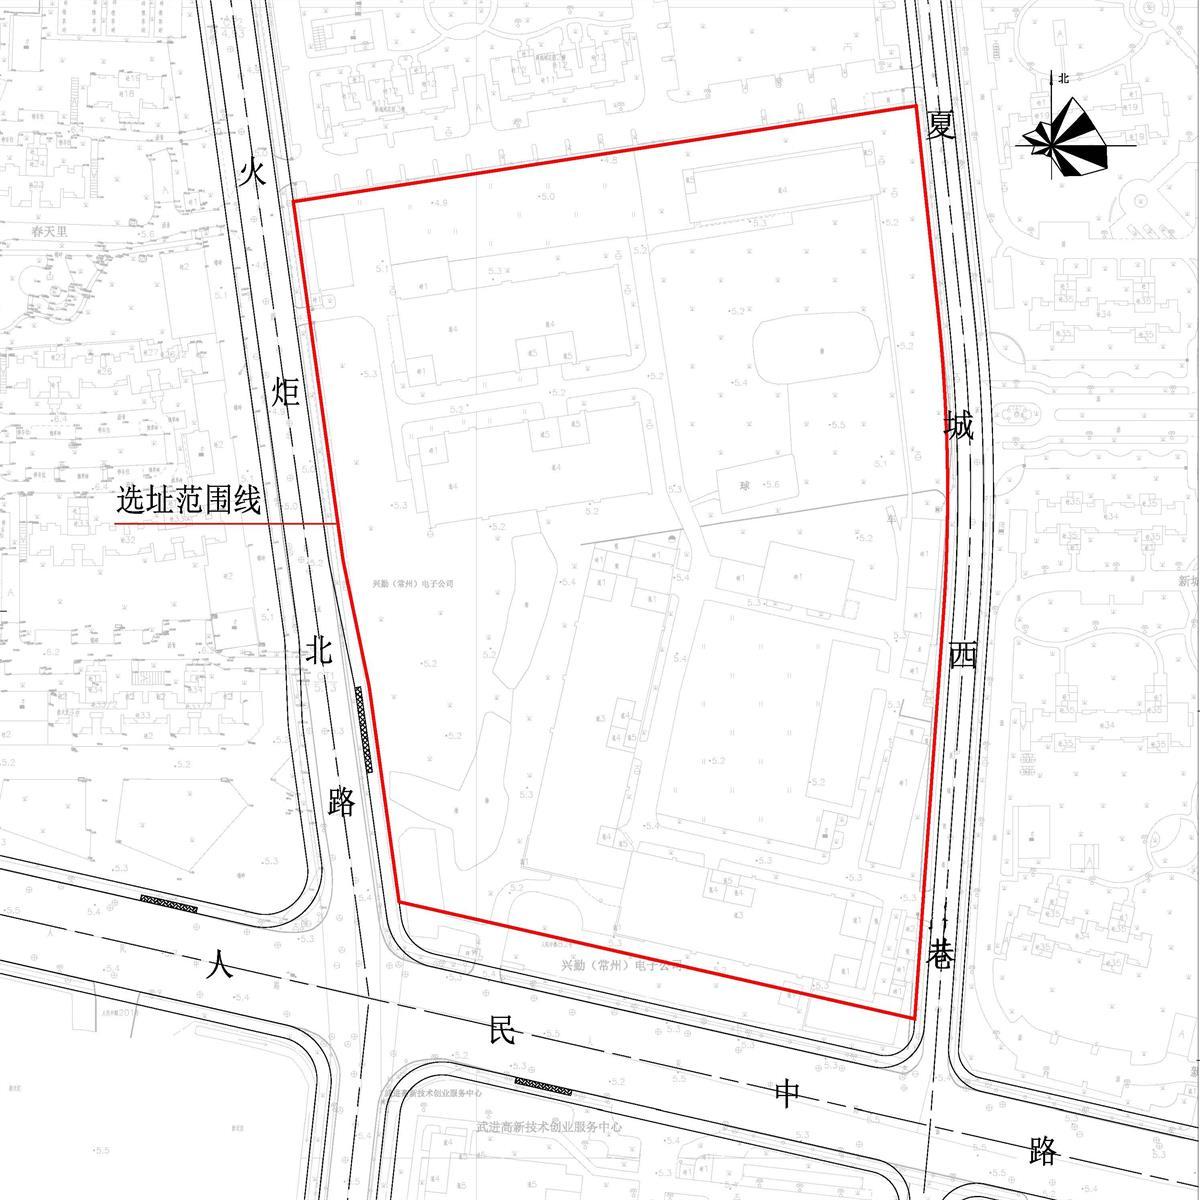 常州规划局公示:武进人民路初级中学项目选址、武进花园小学改扩建二期工程项目